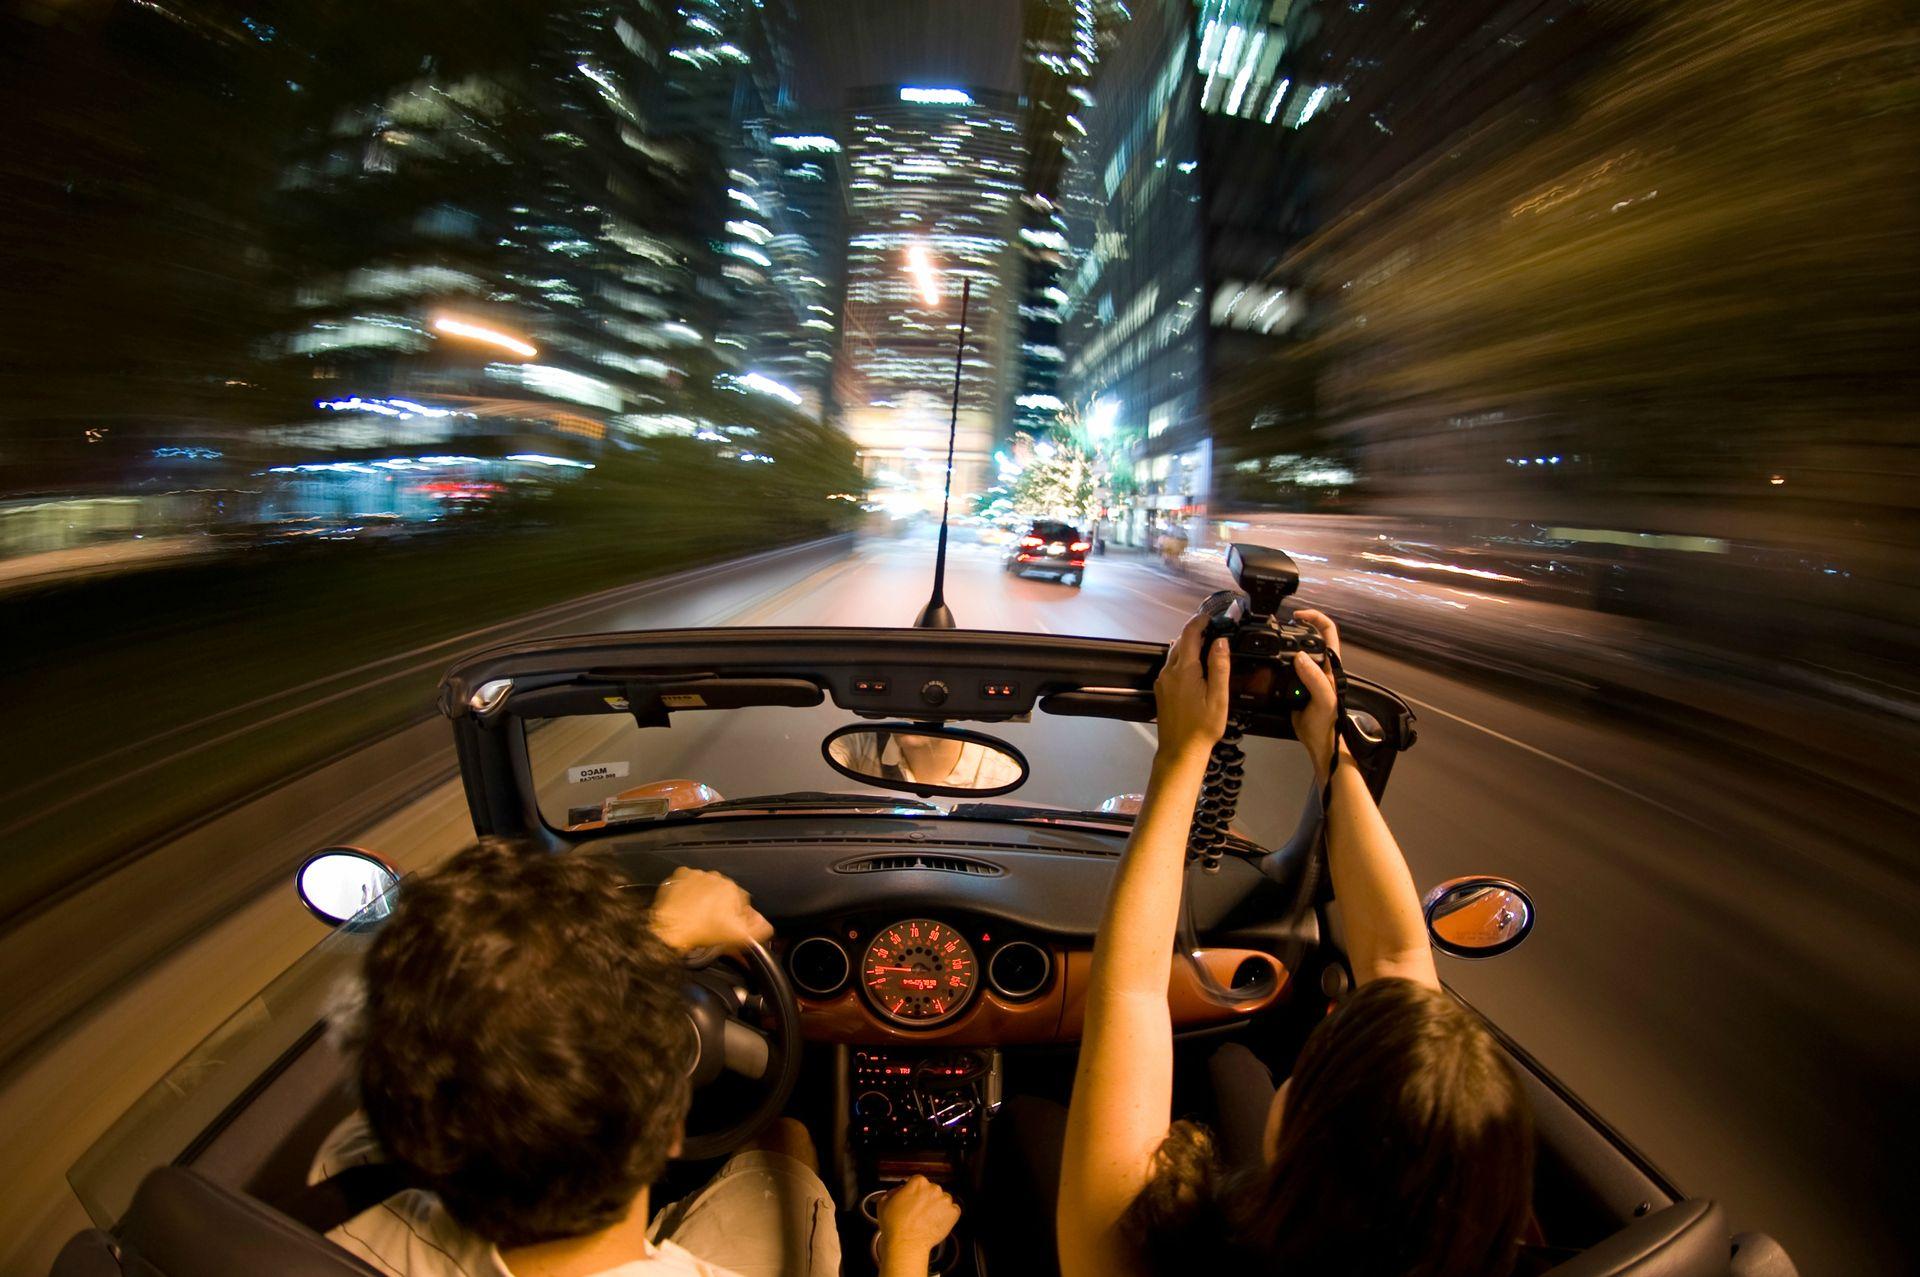 развития картинки кататься по ночному городу поражения могут быть